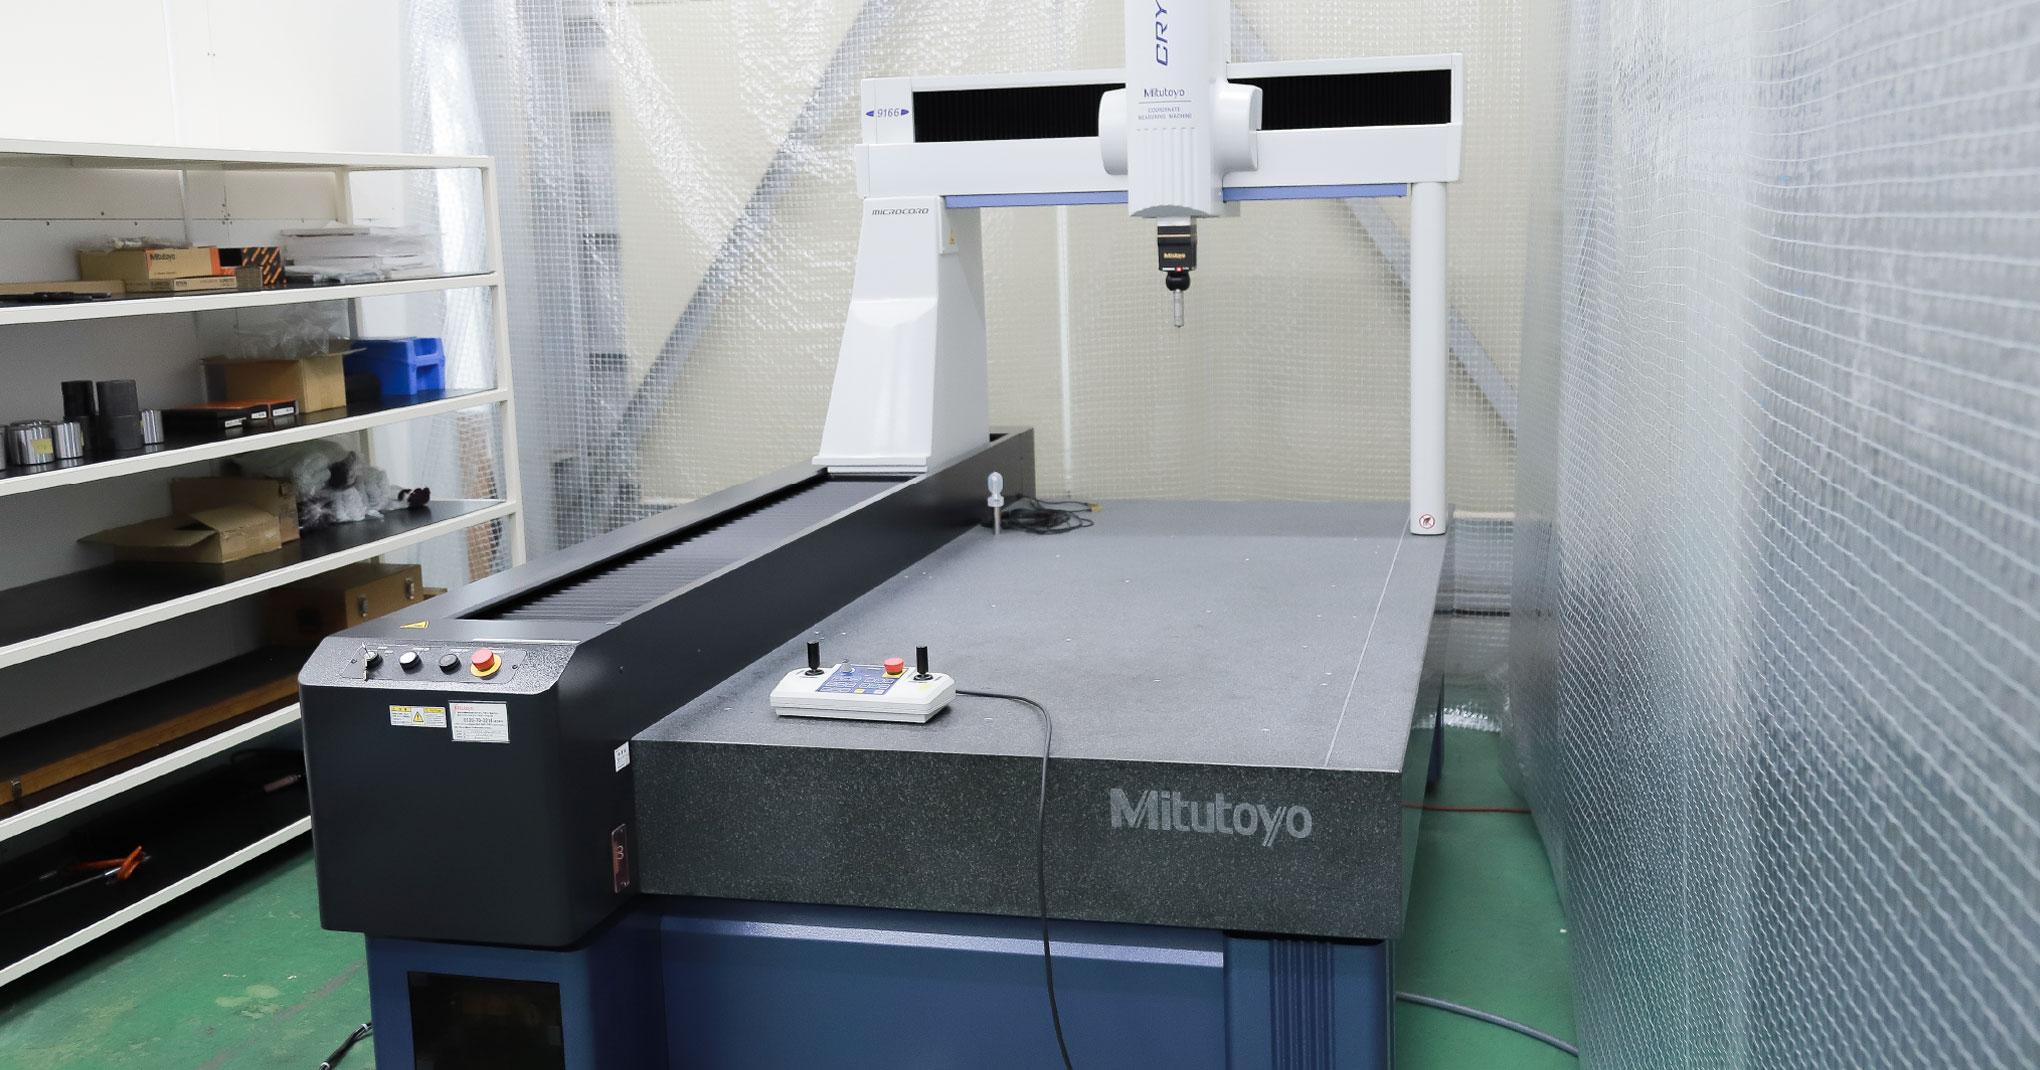 ミツトヨ3次元測定機